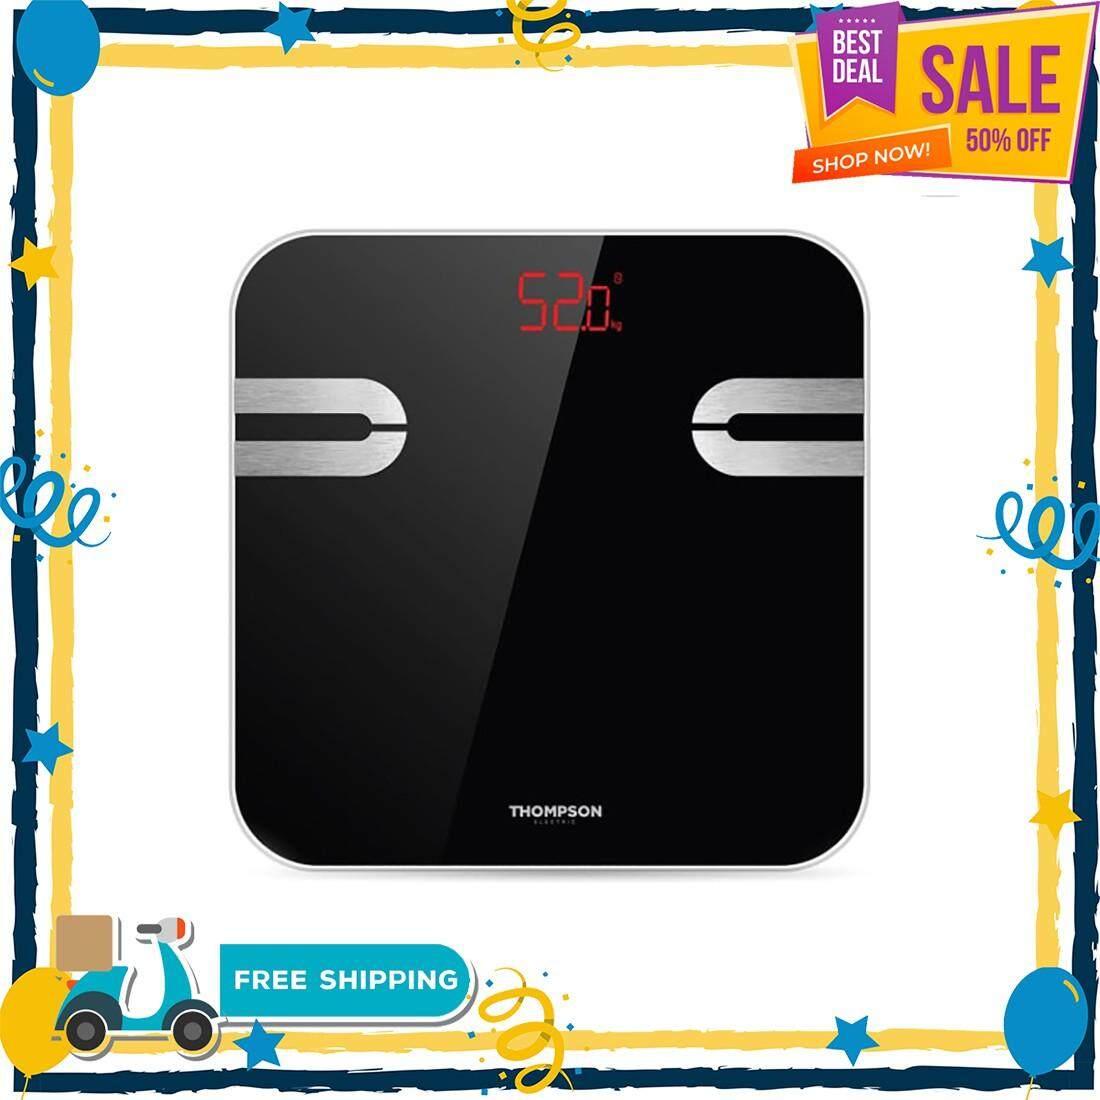 ส่งฟรี!! ของแท้ 100% เครื่องชั่ง digital เครื่องชั่ง THOMPSON เครื่องชั่งน้ำหนัก วัดองค์ประกอบในร่างกาย รุ่น RBS Fit Day สีดำ เครื่องชั่ง นน ตาชั่งดิจิตอล body fat scale ตาชั่งน้ำหนัก ที่ชั่งน้ำหนัก weighing scale ตราชั่งน้ำหนัก weight scale ที่ชั่ง